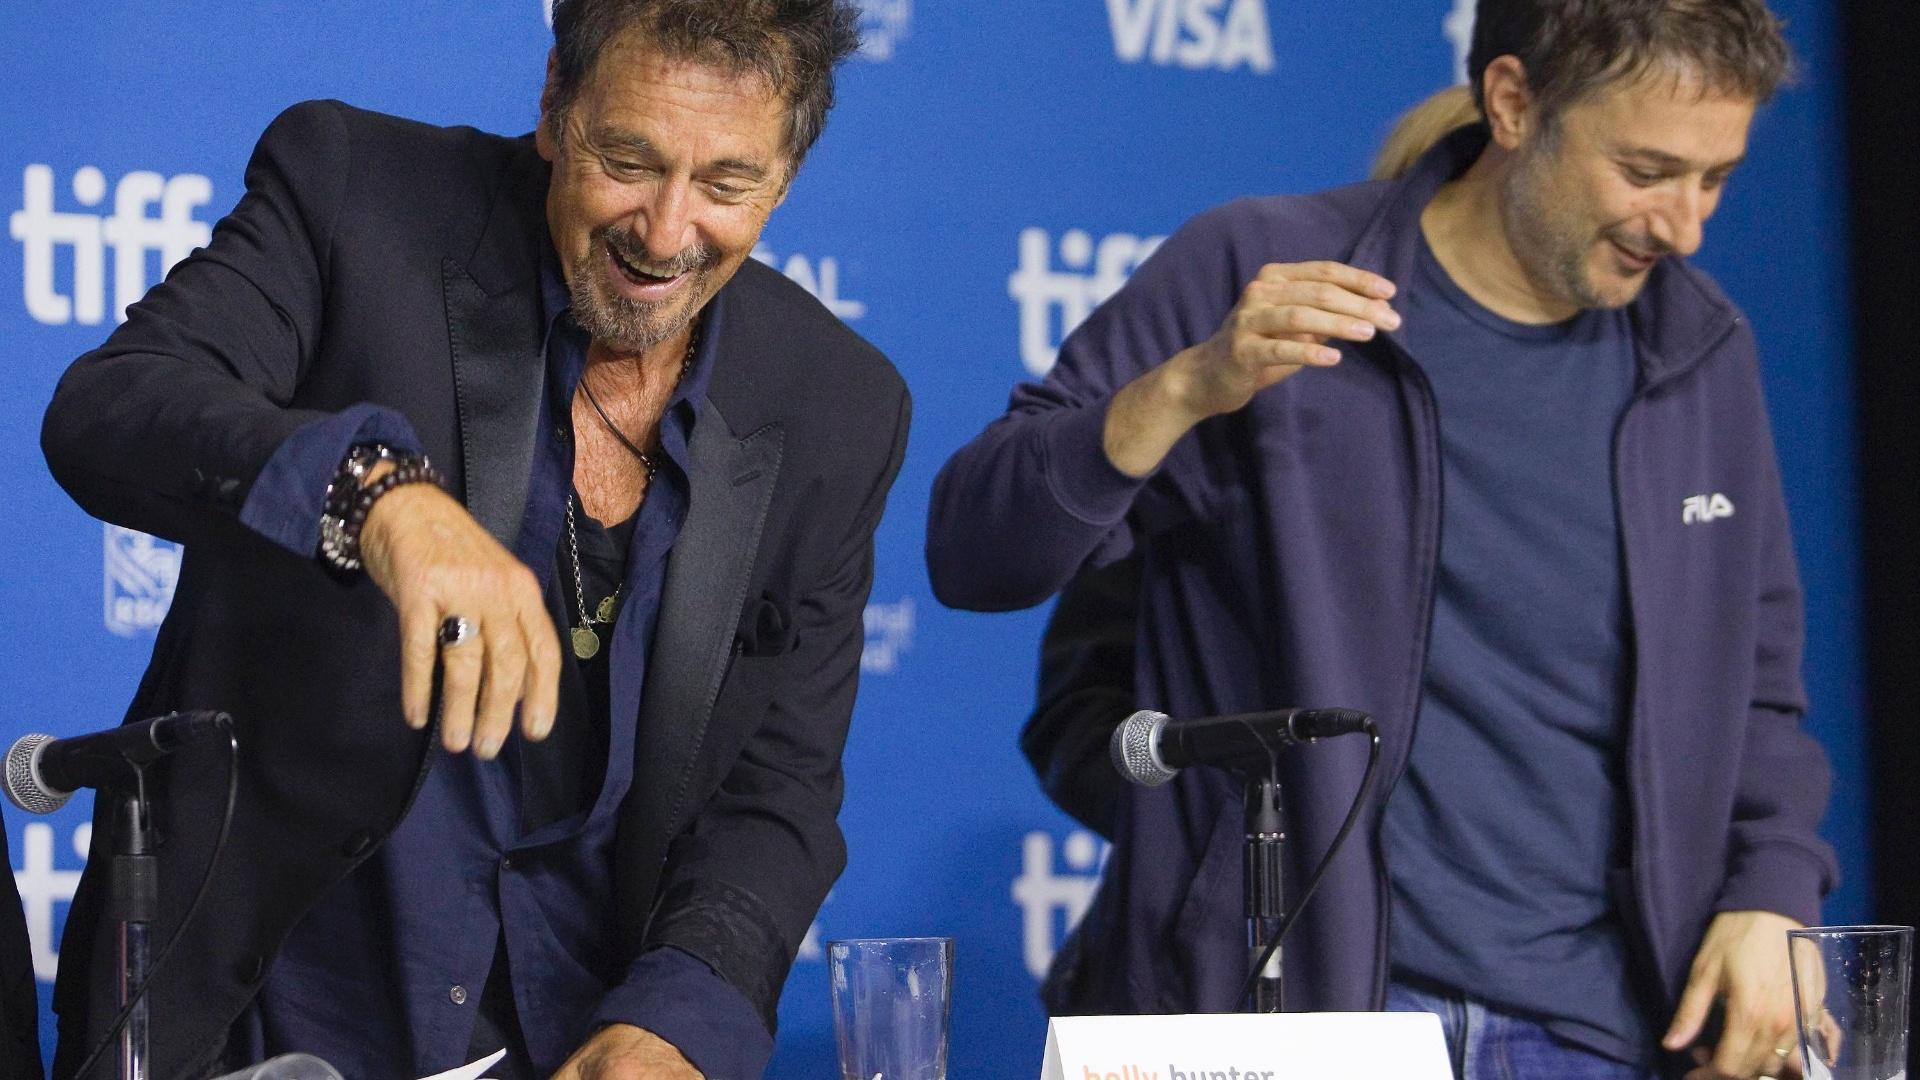 07.set.2014 - Al Pacino e Harmony Korine limpam a mesa após o ator derrubar água durante coletiva de imprensa para promover o filme